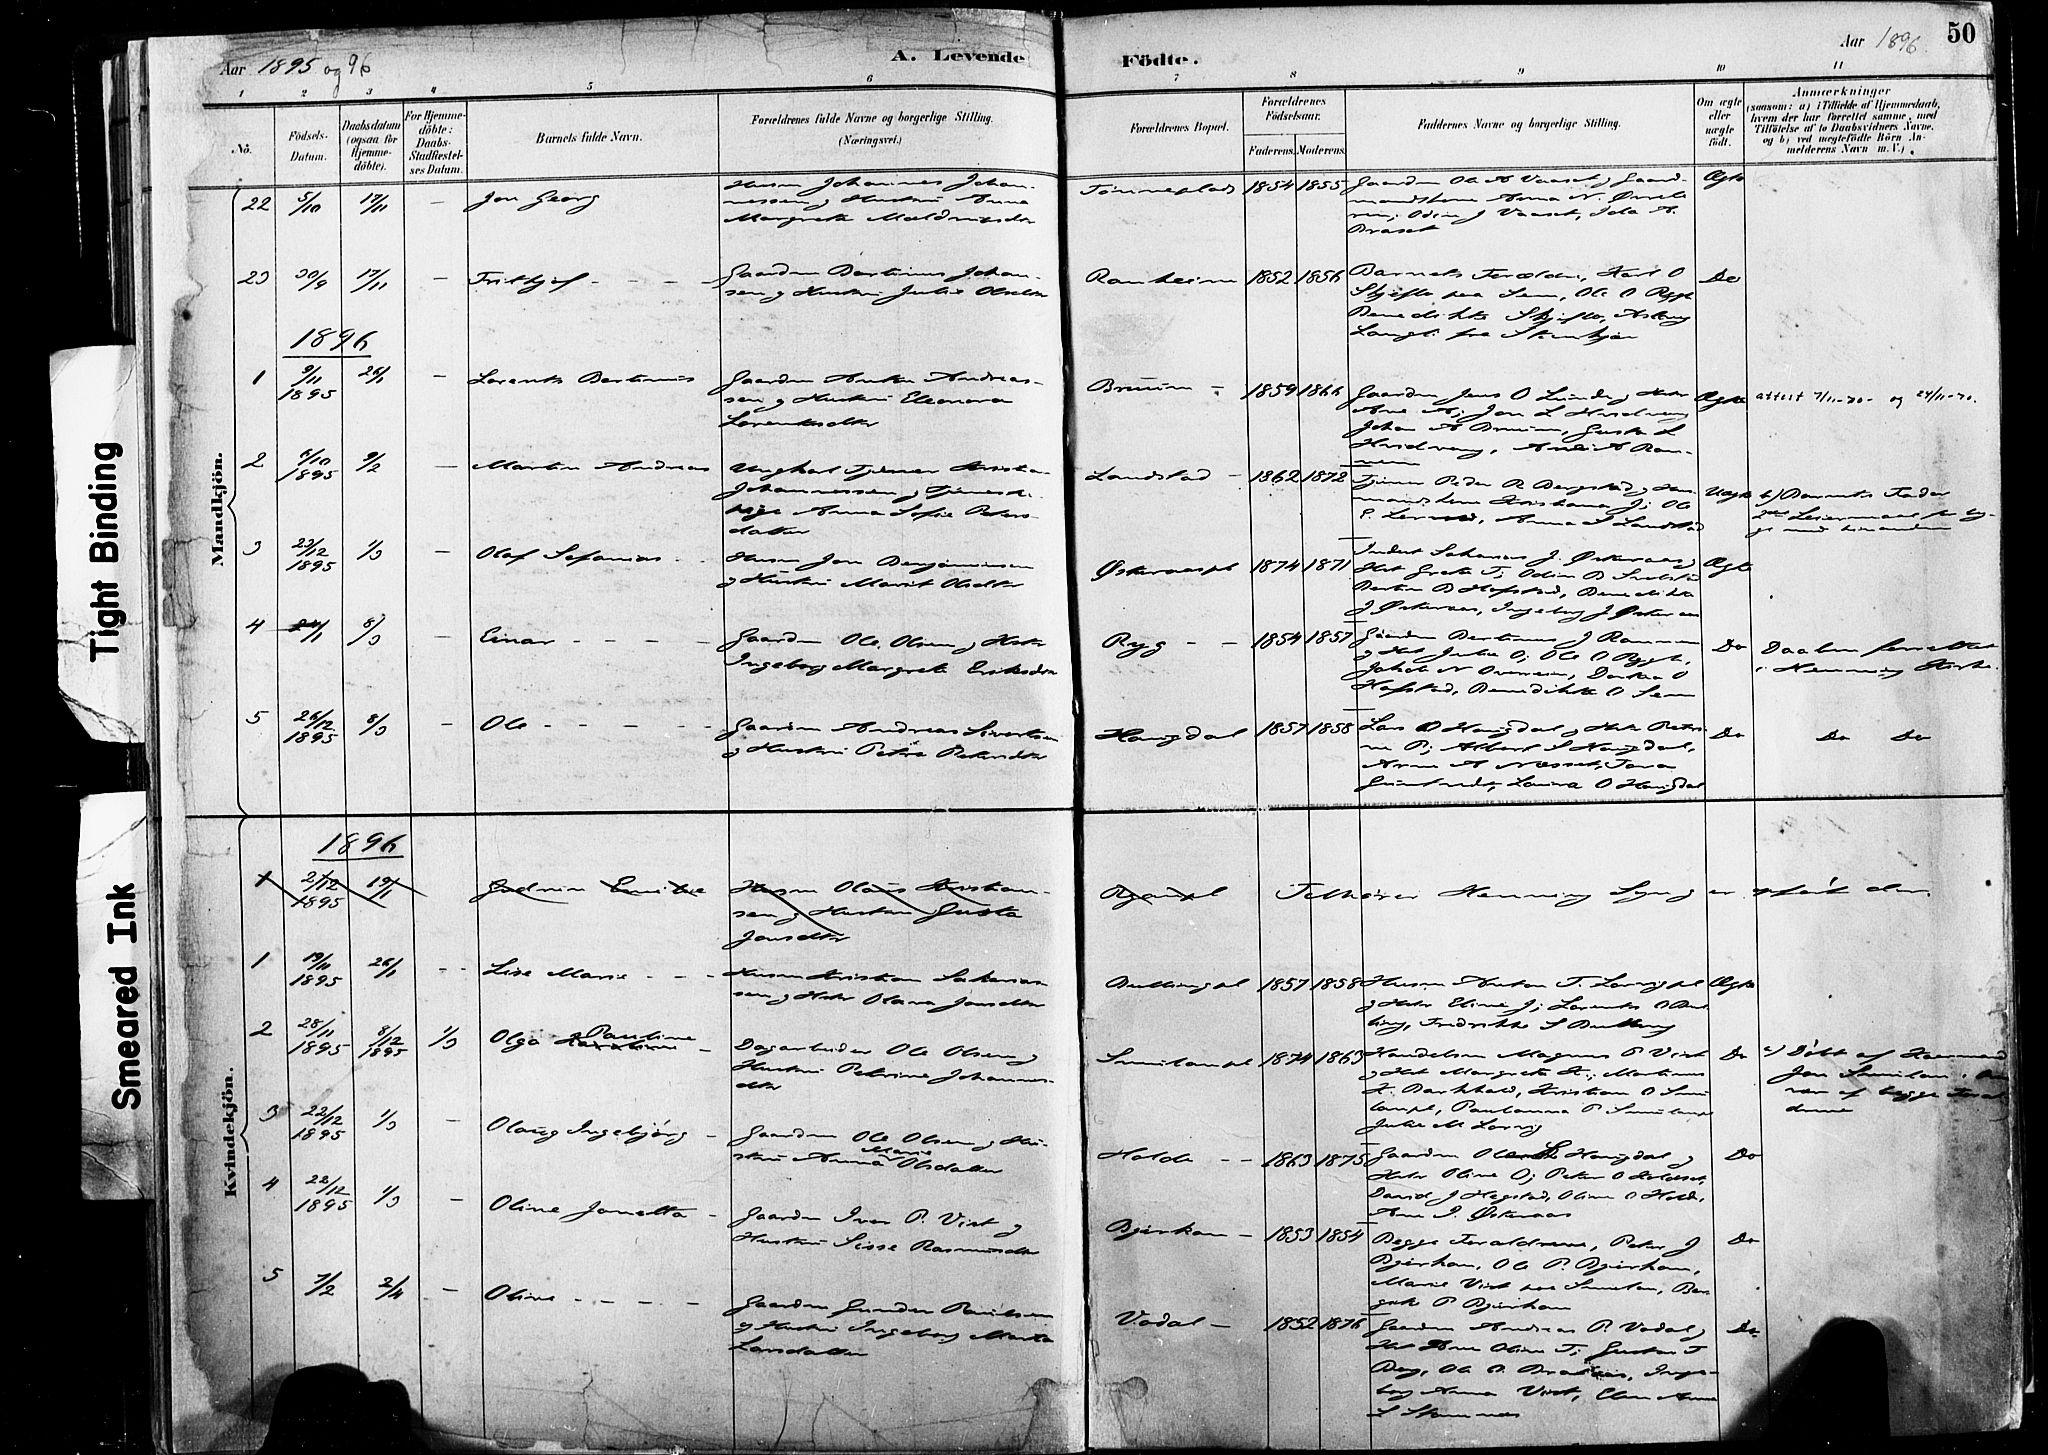 SAT, Ministerialprotokoller, klokkerbøker og fødselsregistre - Nord-Trøndelag, 735/L0351: Ministerialbok nr. 735A10, 1884-1908, s. 50